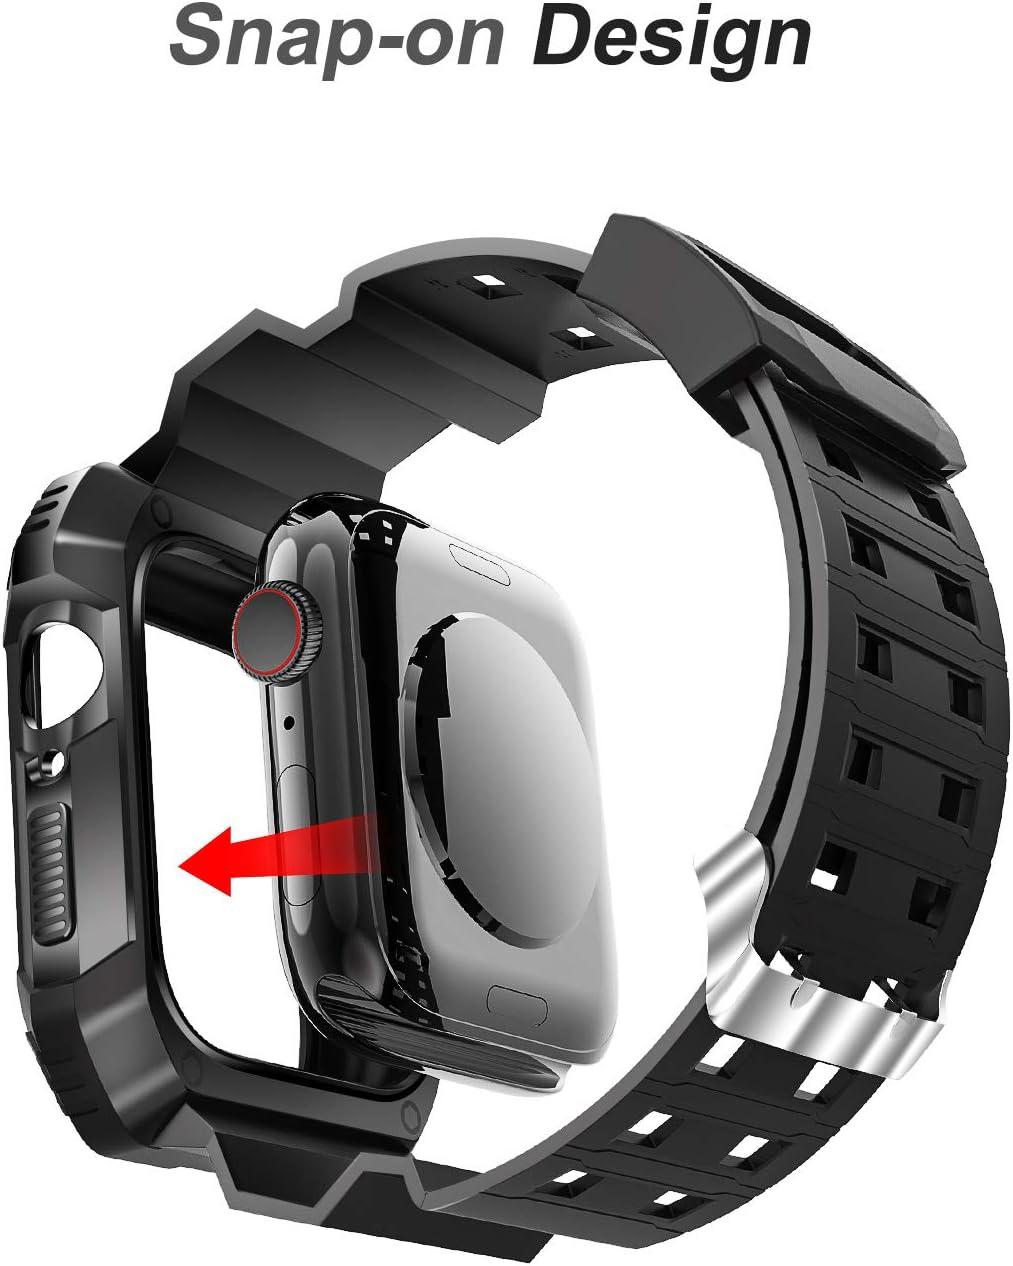 Malla super protectora para reloj Apple Watch 1, 2, 3 (38mm)